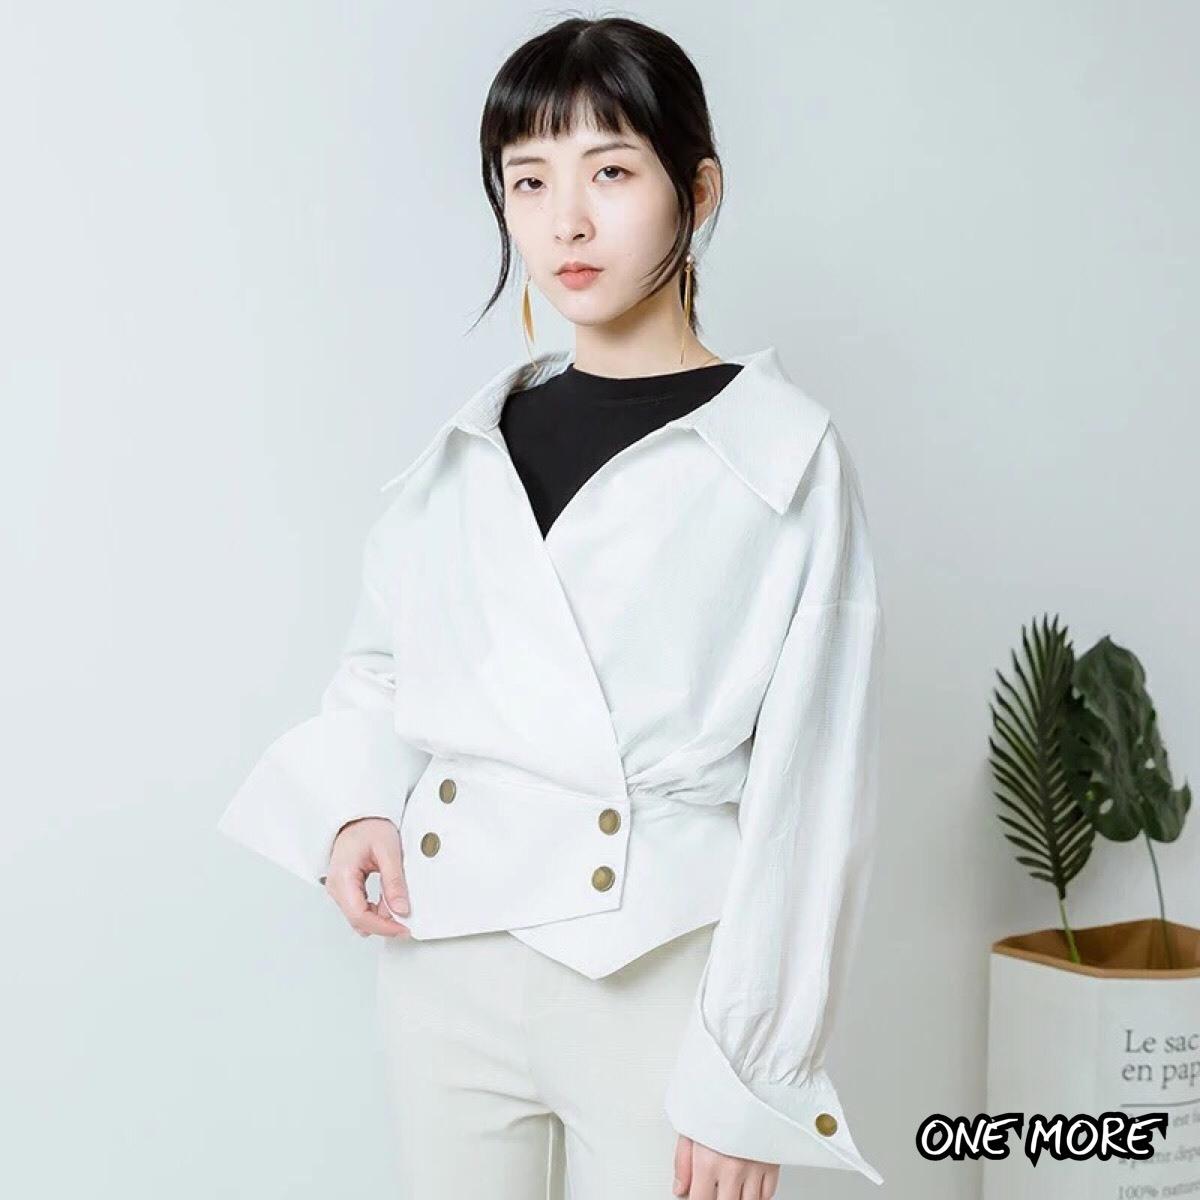 เสื้อเกาหลี พร้อมส่ง แจ็กเกตยีนต์ สีพื้น